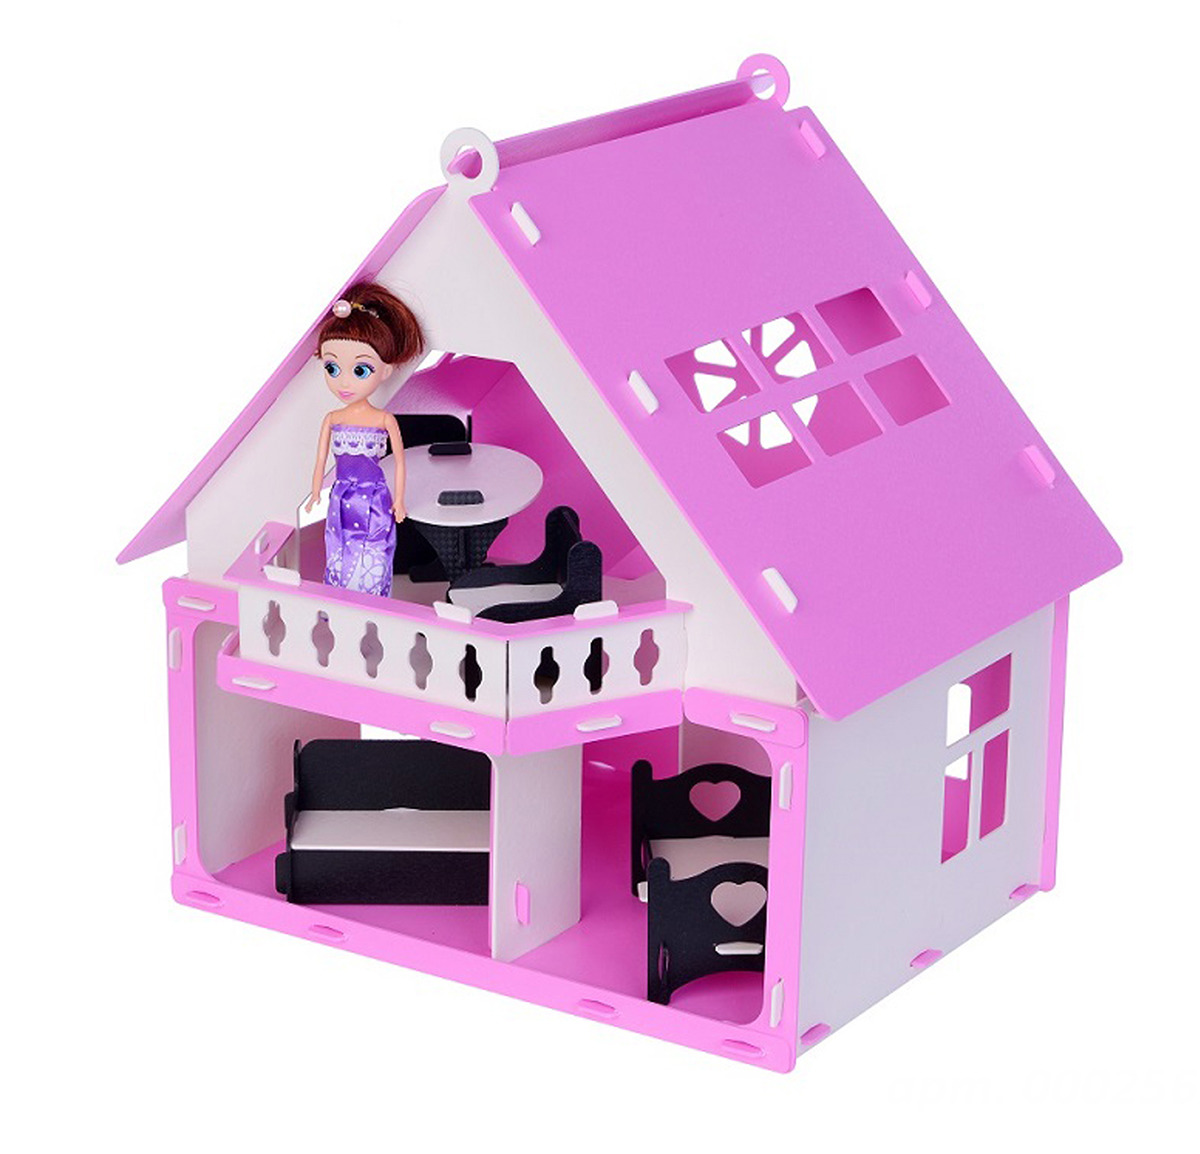 Дом для кукол Krasatoys Дачный дом Варенька, 3494264, с мебелью3494264Этот дом объединил все, что так нравится юным леди. Малышка будет заботиться о куколке, поселит ее в коттедж, обустроит комнаты по своему вкусу, расставит мебель и аксессуары.Дачный домик «Варенька» выполнен из безопасного пластика, подойдёт для кукол ростом до 12 см, легко разбирается и собирается.